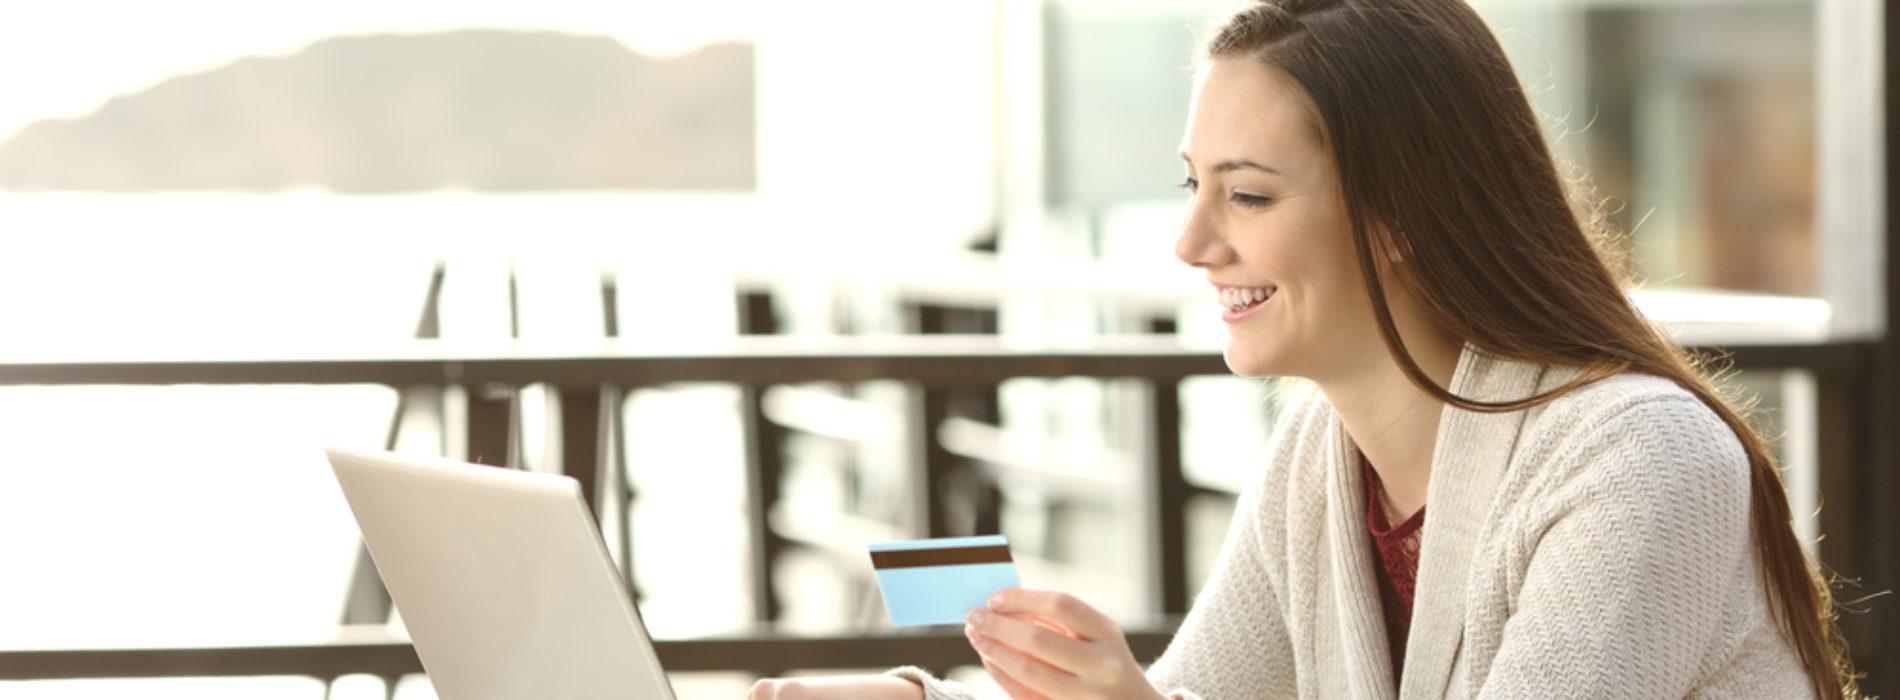 Jak zaoszczędzić na zakupach w sieci?